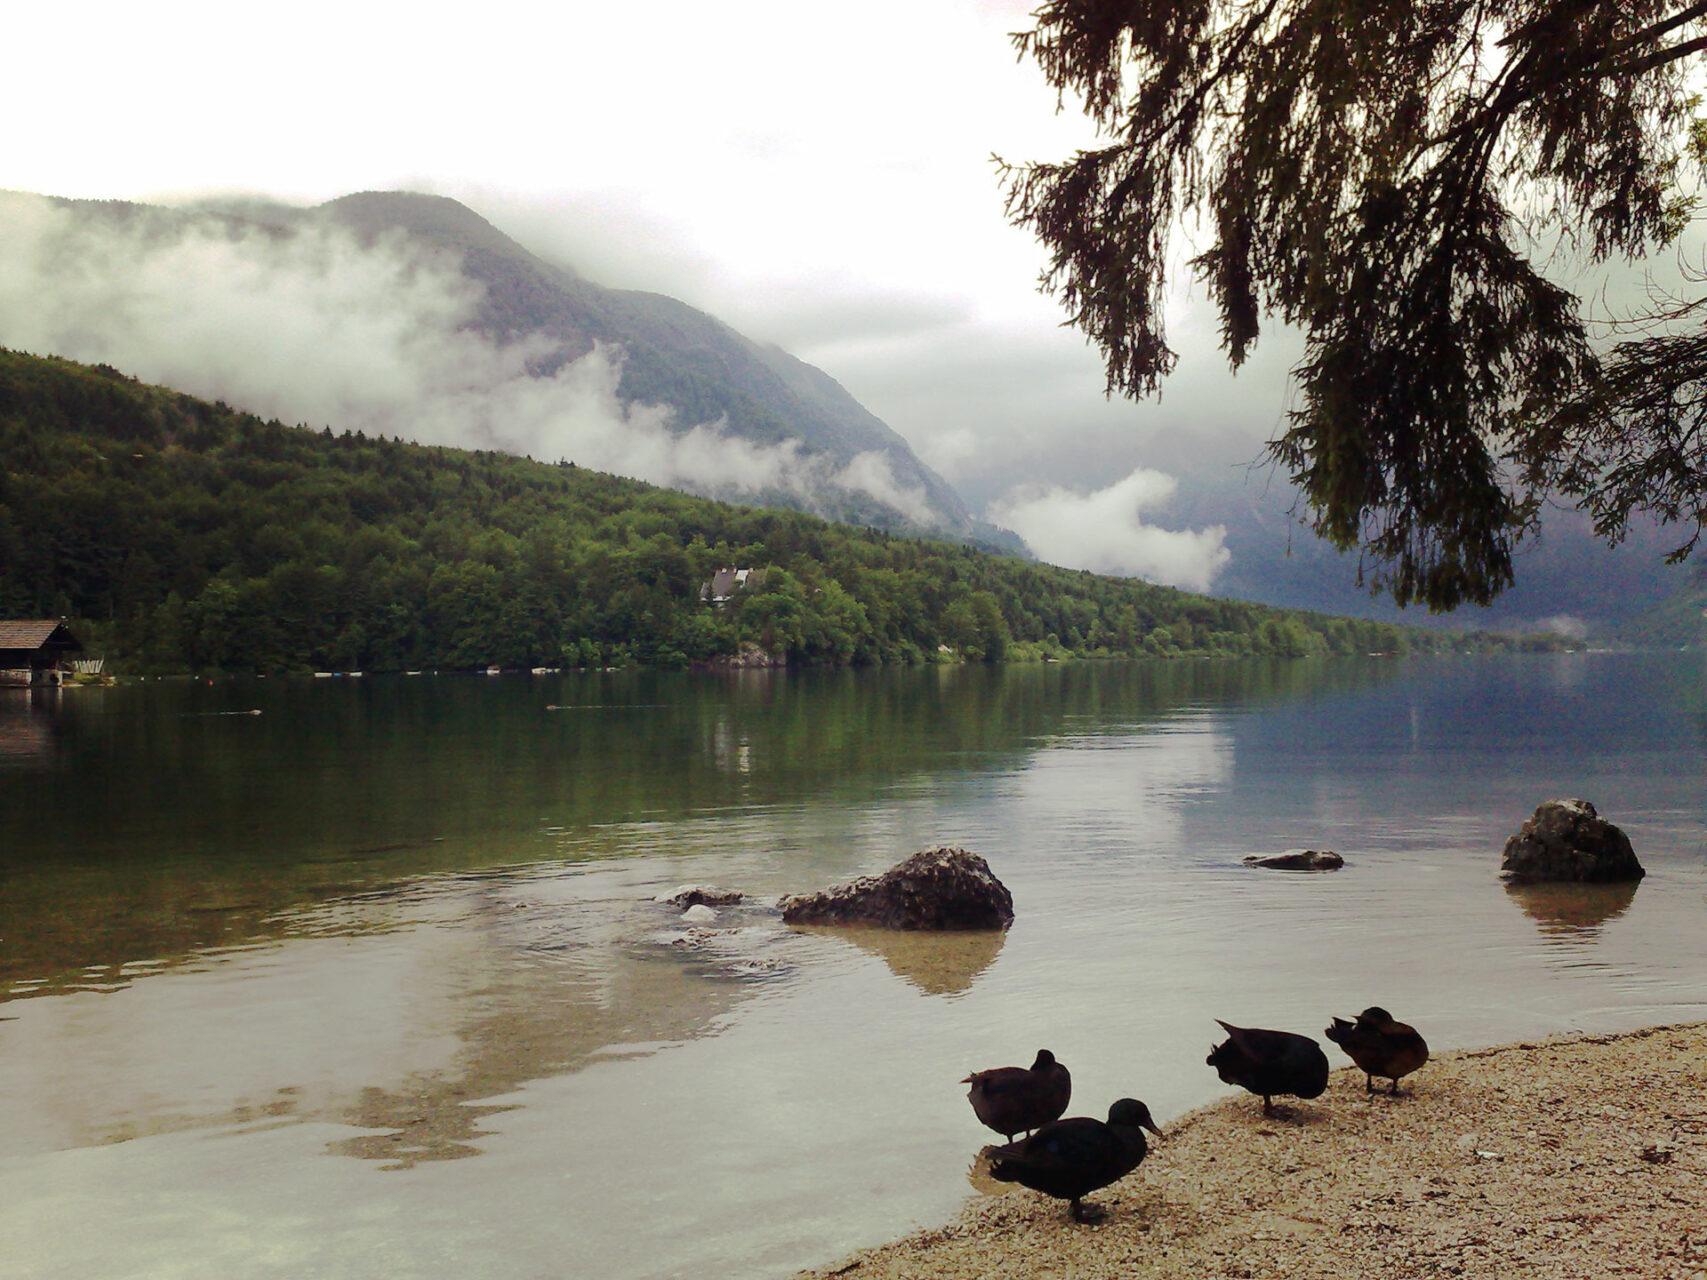 Am Bohinjsko jezero. Quasi der Ausgangssee der Sieben-Seen-Tour...